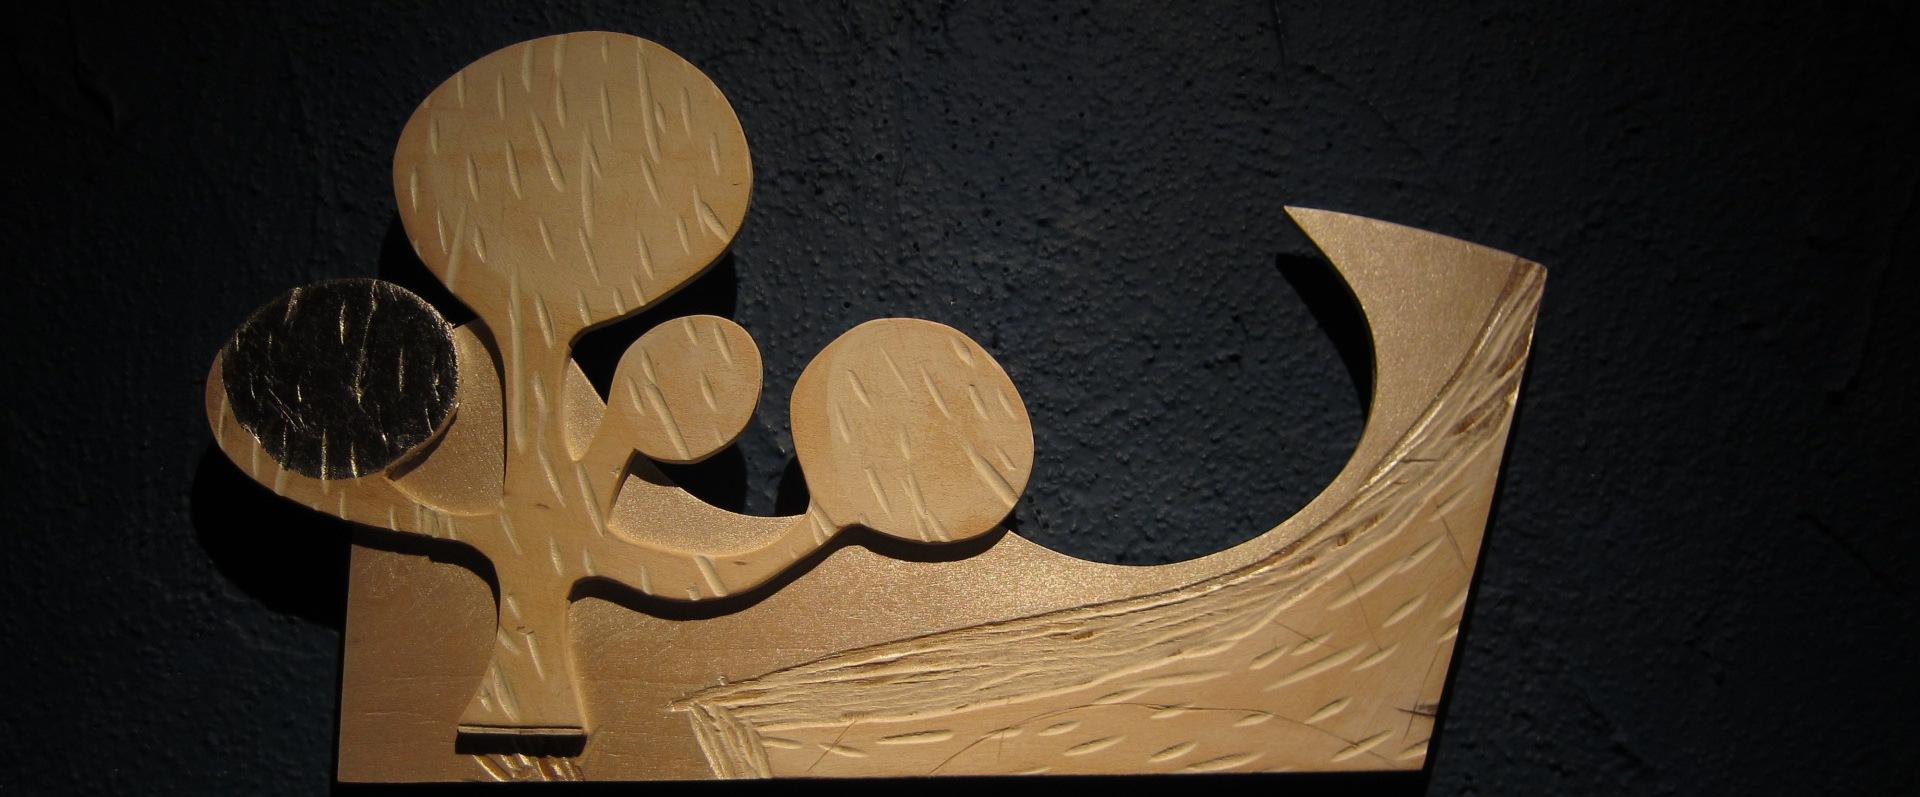 2480) 「戸山麻子展『森の囁(ささや)き』 」エスキス 終了12月17日(木)~2016年1月11日(月・祝)_f0126829_10222549.jpg